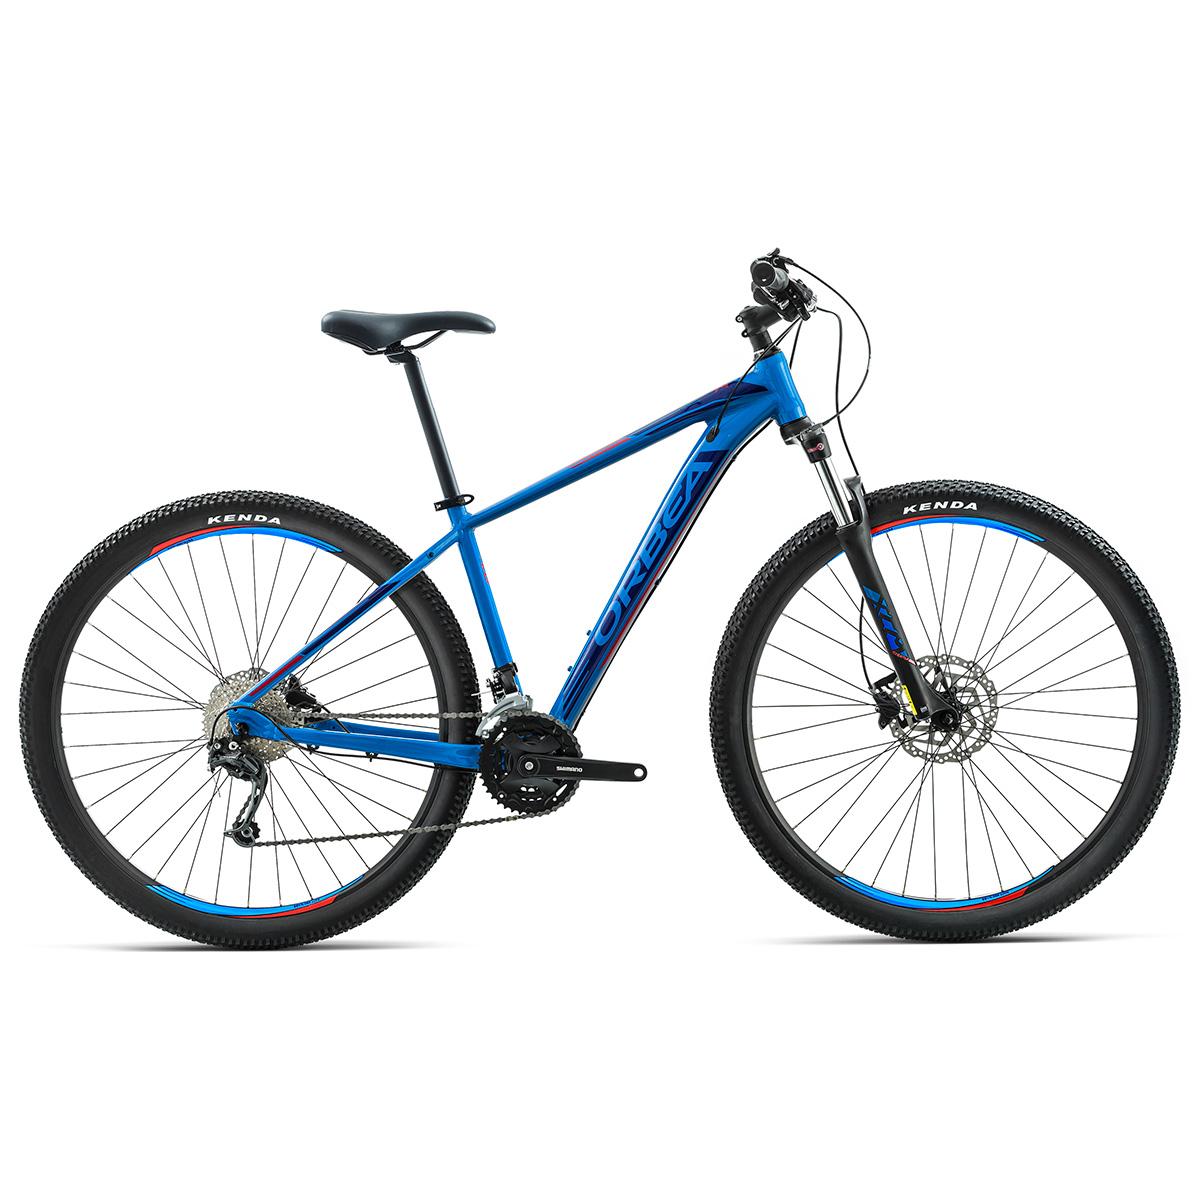 Image of   Orbea MX50 mountainbike med 21 gear - Blå/rød